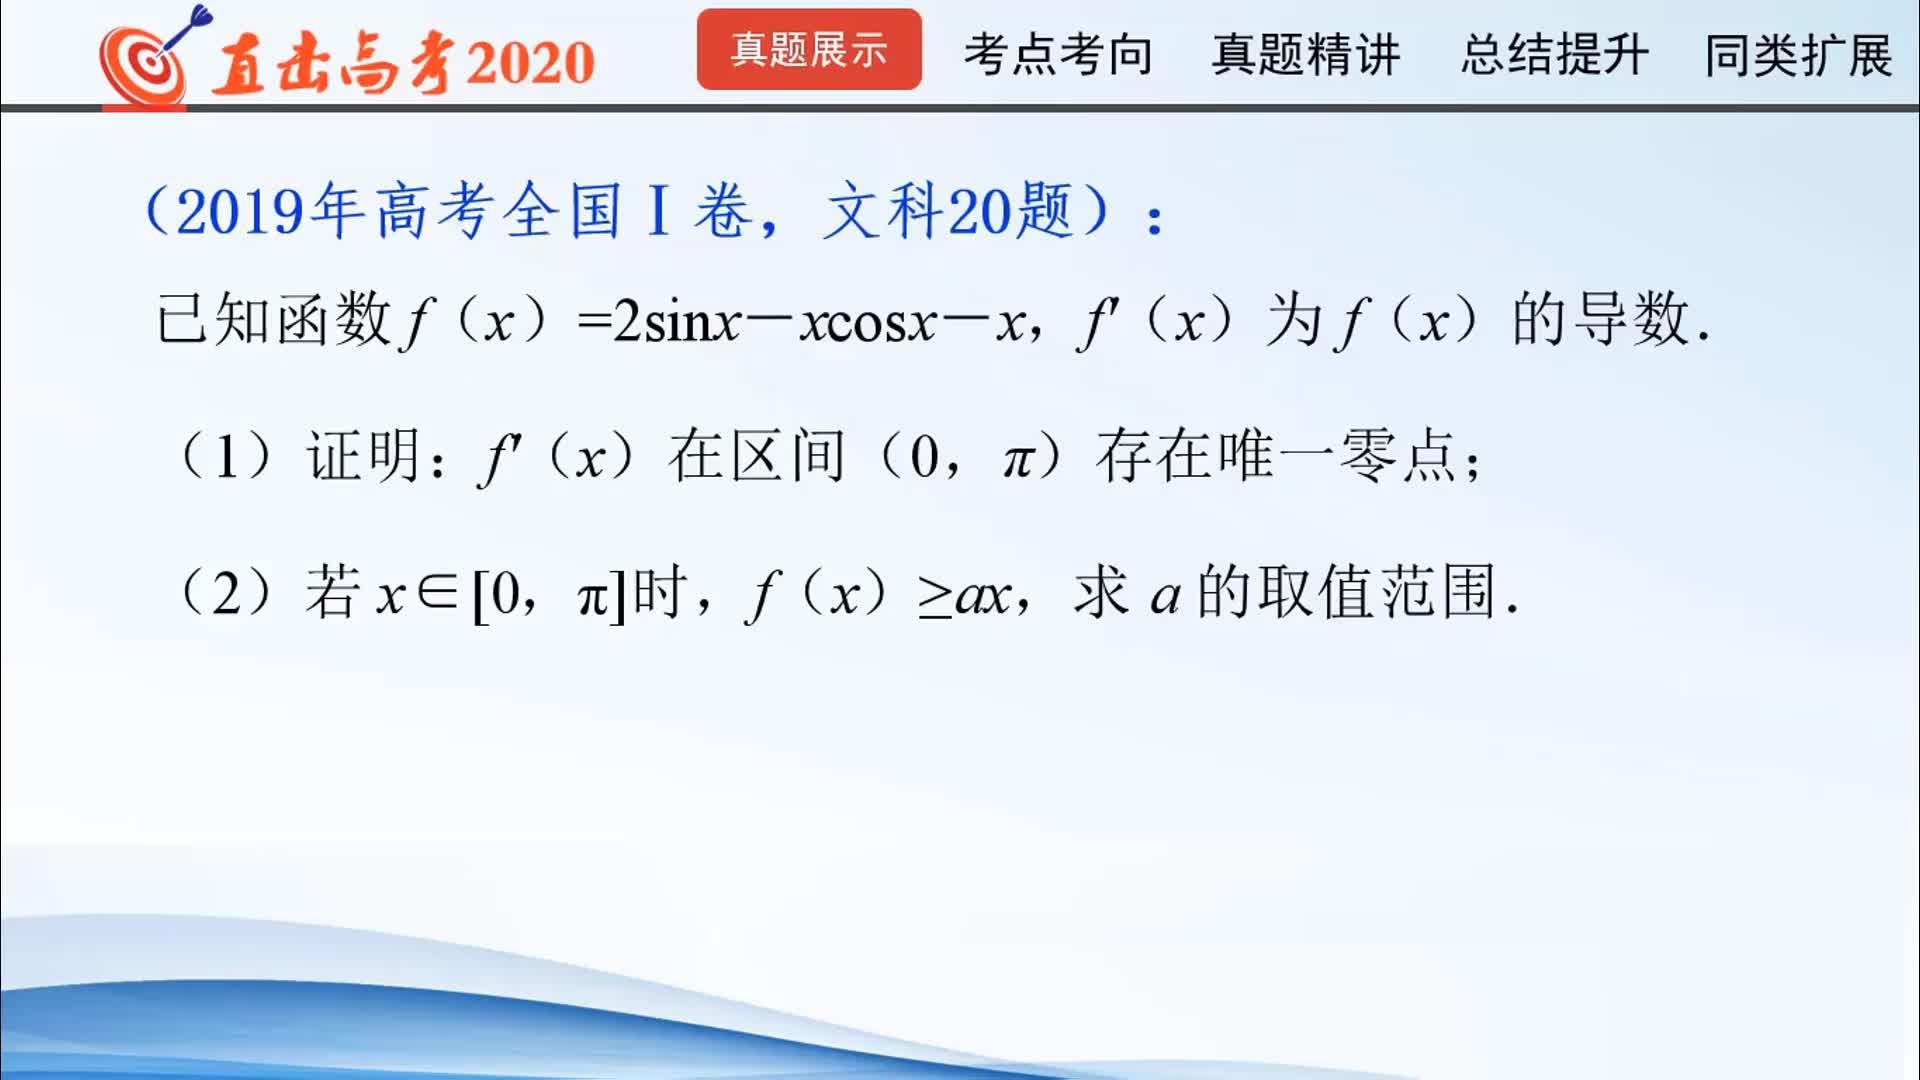 """""""直击2020年高考数学""""系列微课旨在面对面帮助学生梳理高考核心考点,以最近高考真题为案例,把握2020年高考最新考向,并适当拓展,更加高效地备战2020年的高考。  [来自e网通客户端]"""